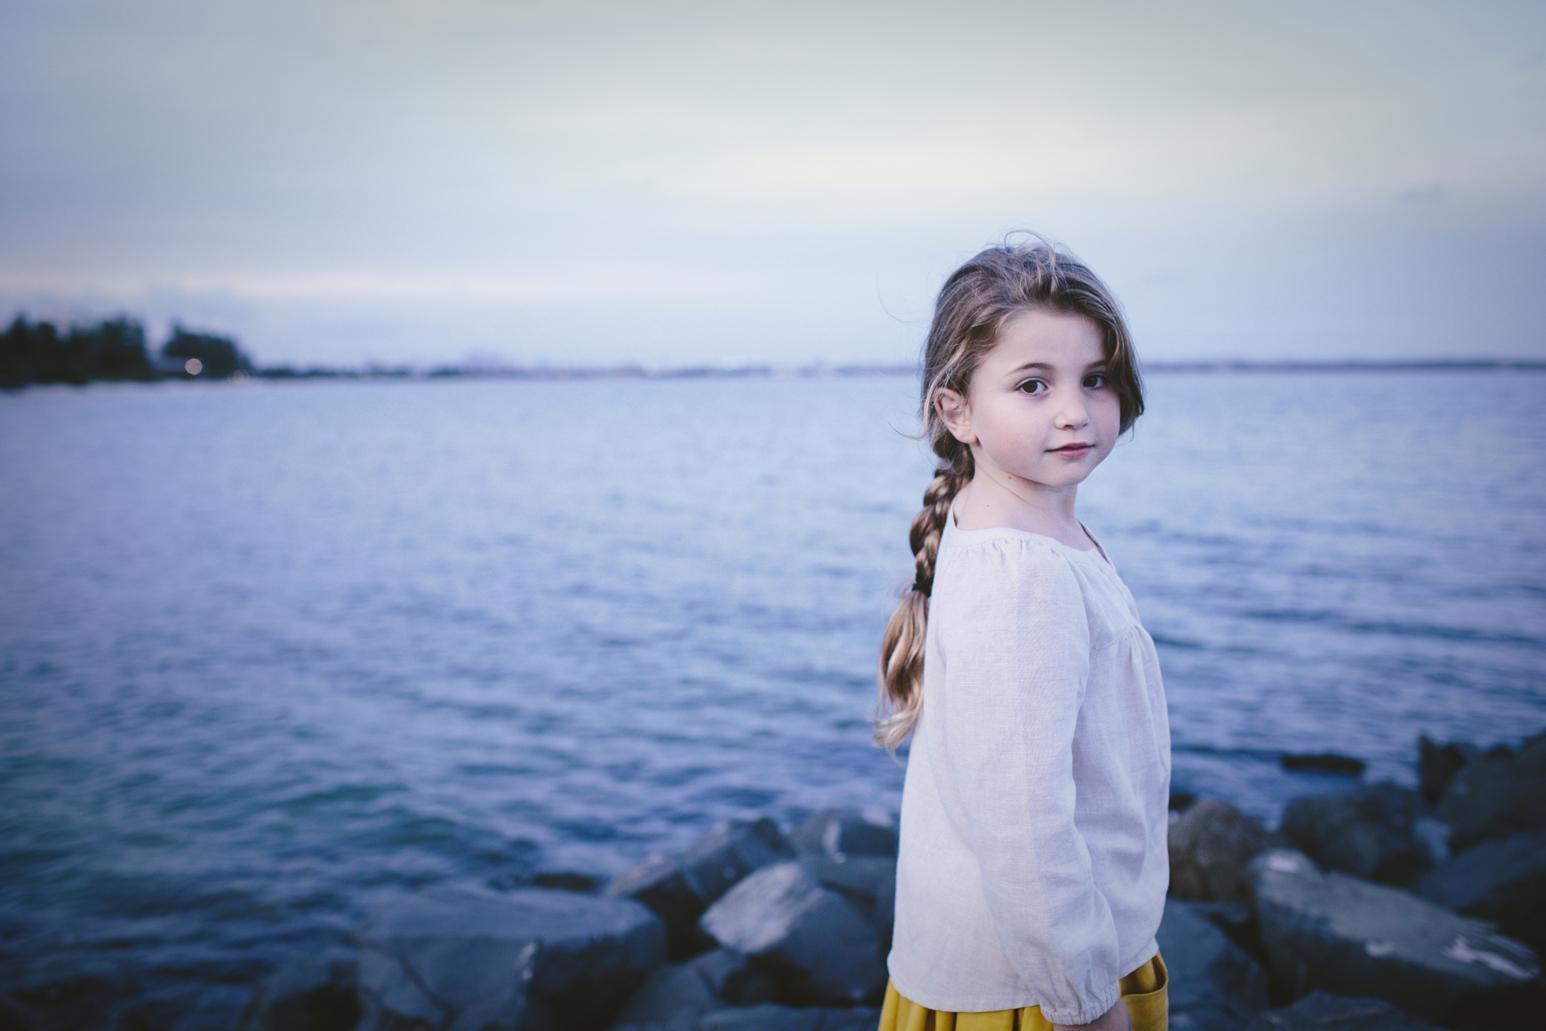 SanSouci_Child_portrait_photography.01.jpg